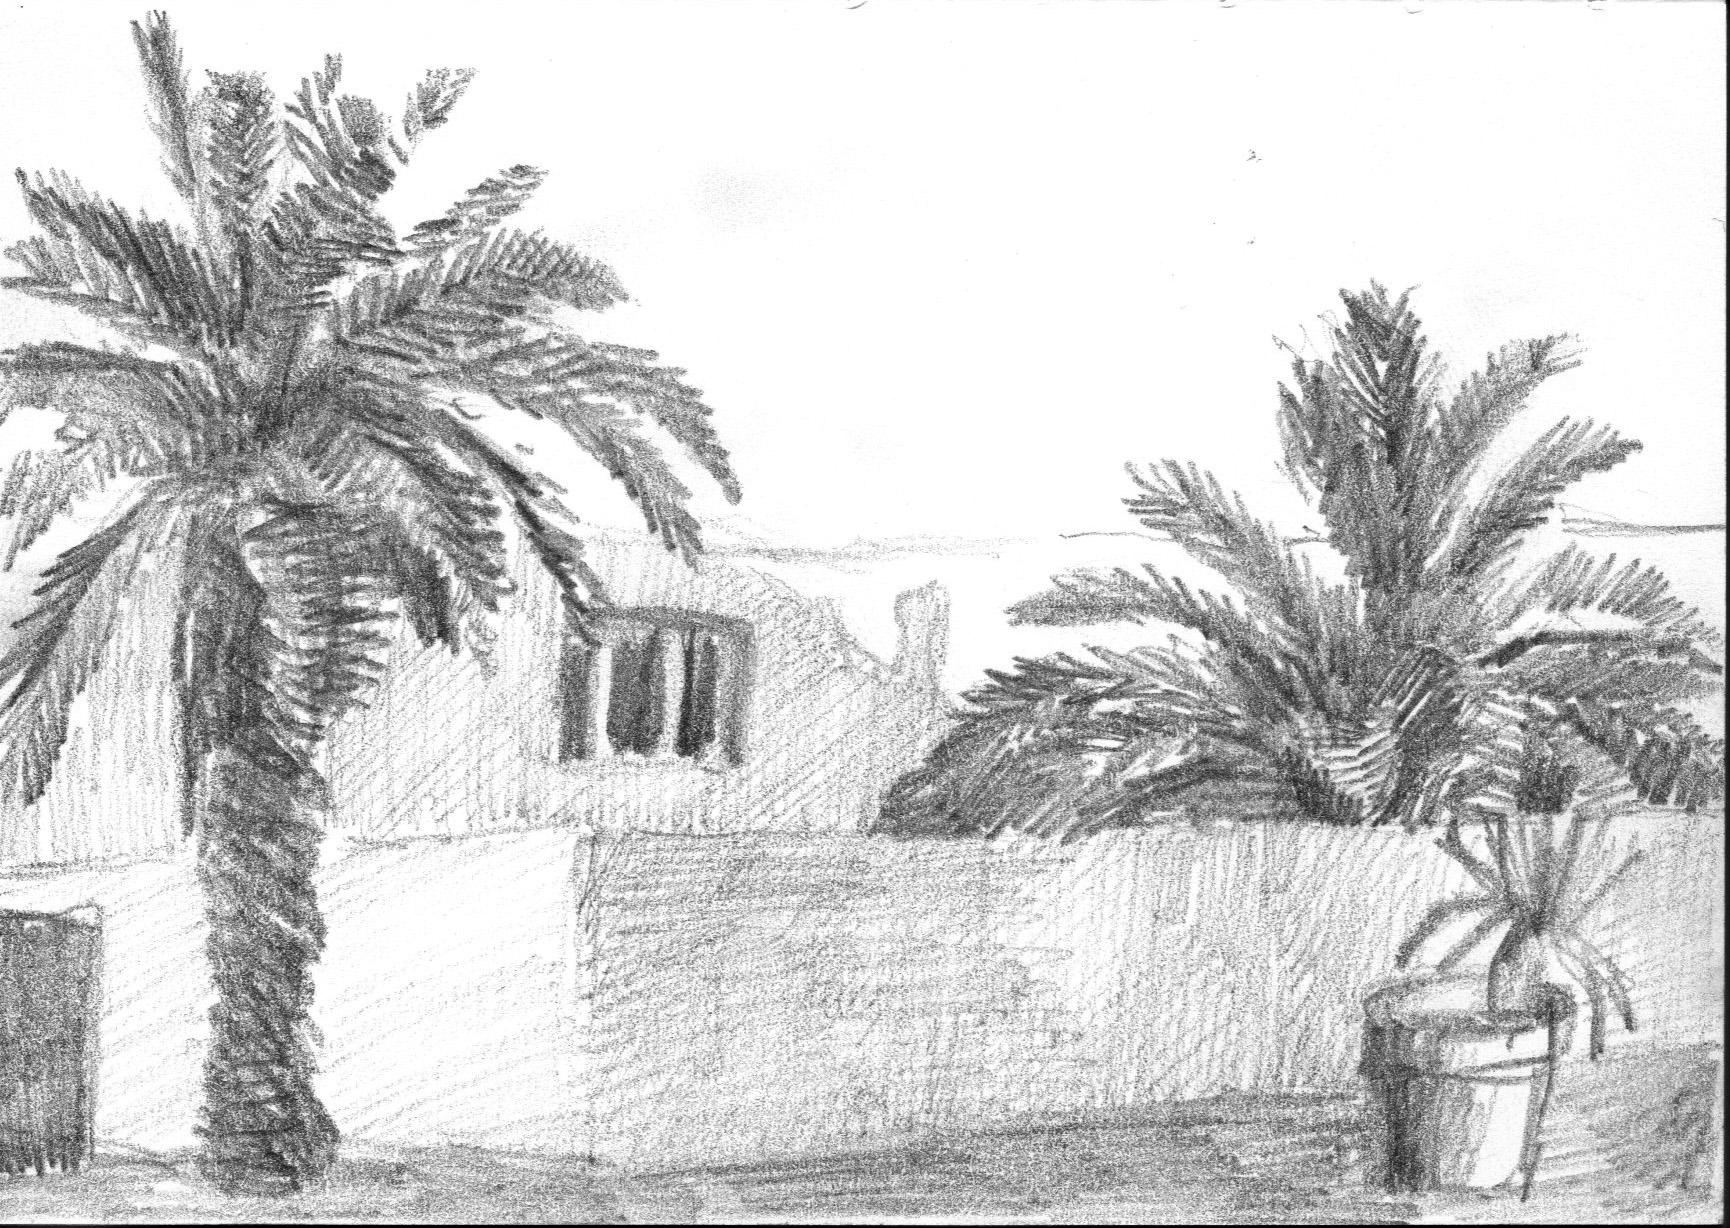 palmeras-alejandra-caballero-lápiz-grafito-casa-paisaje